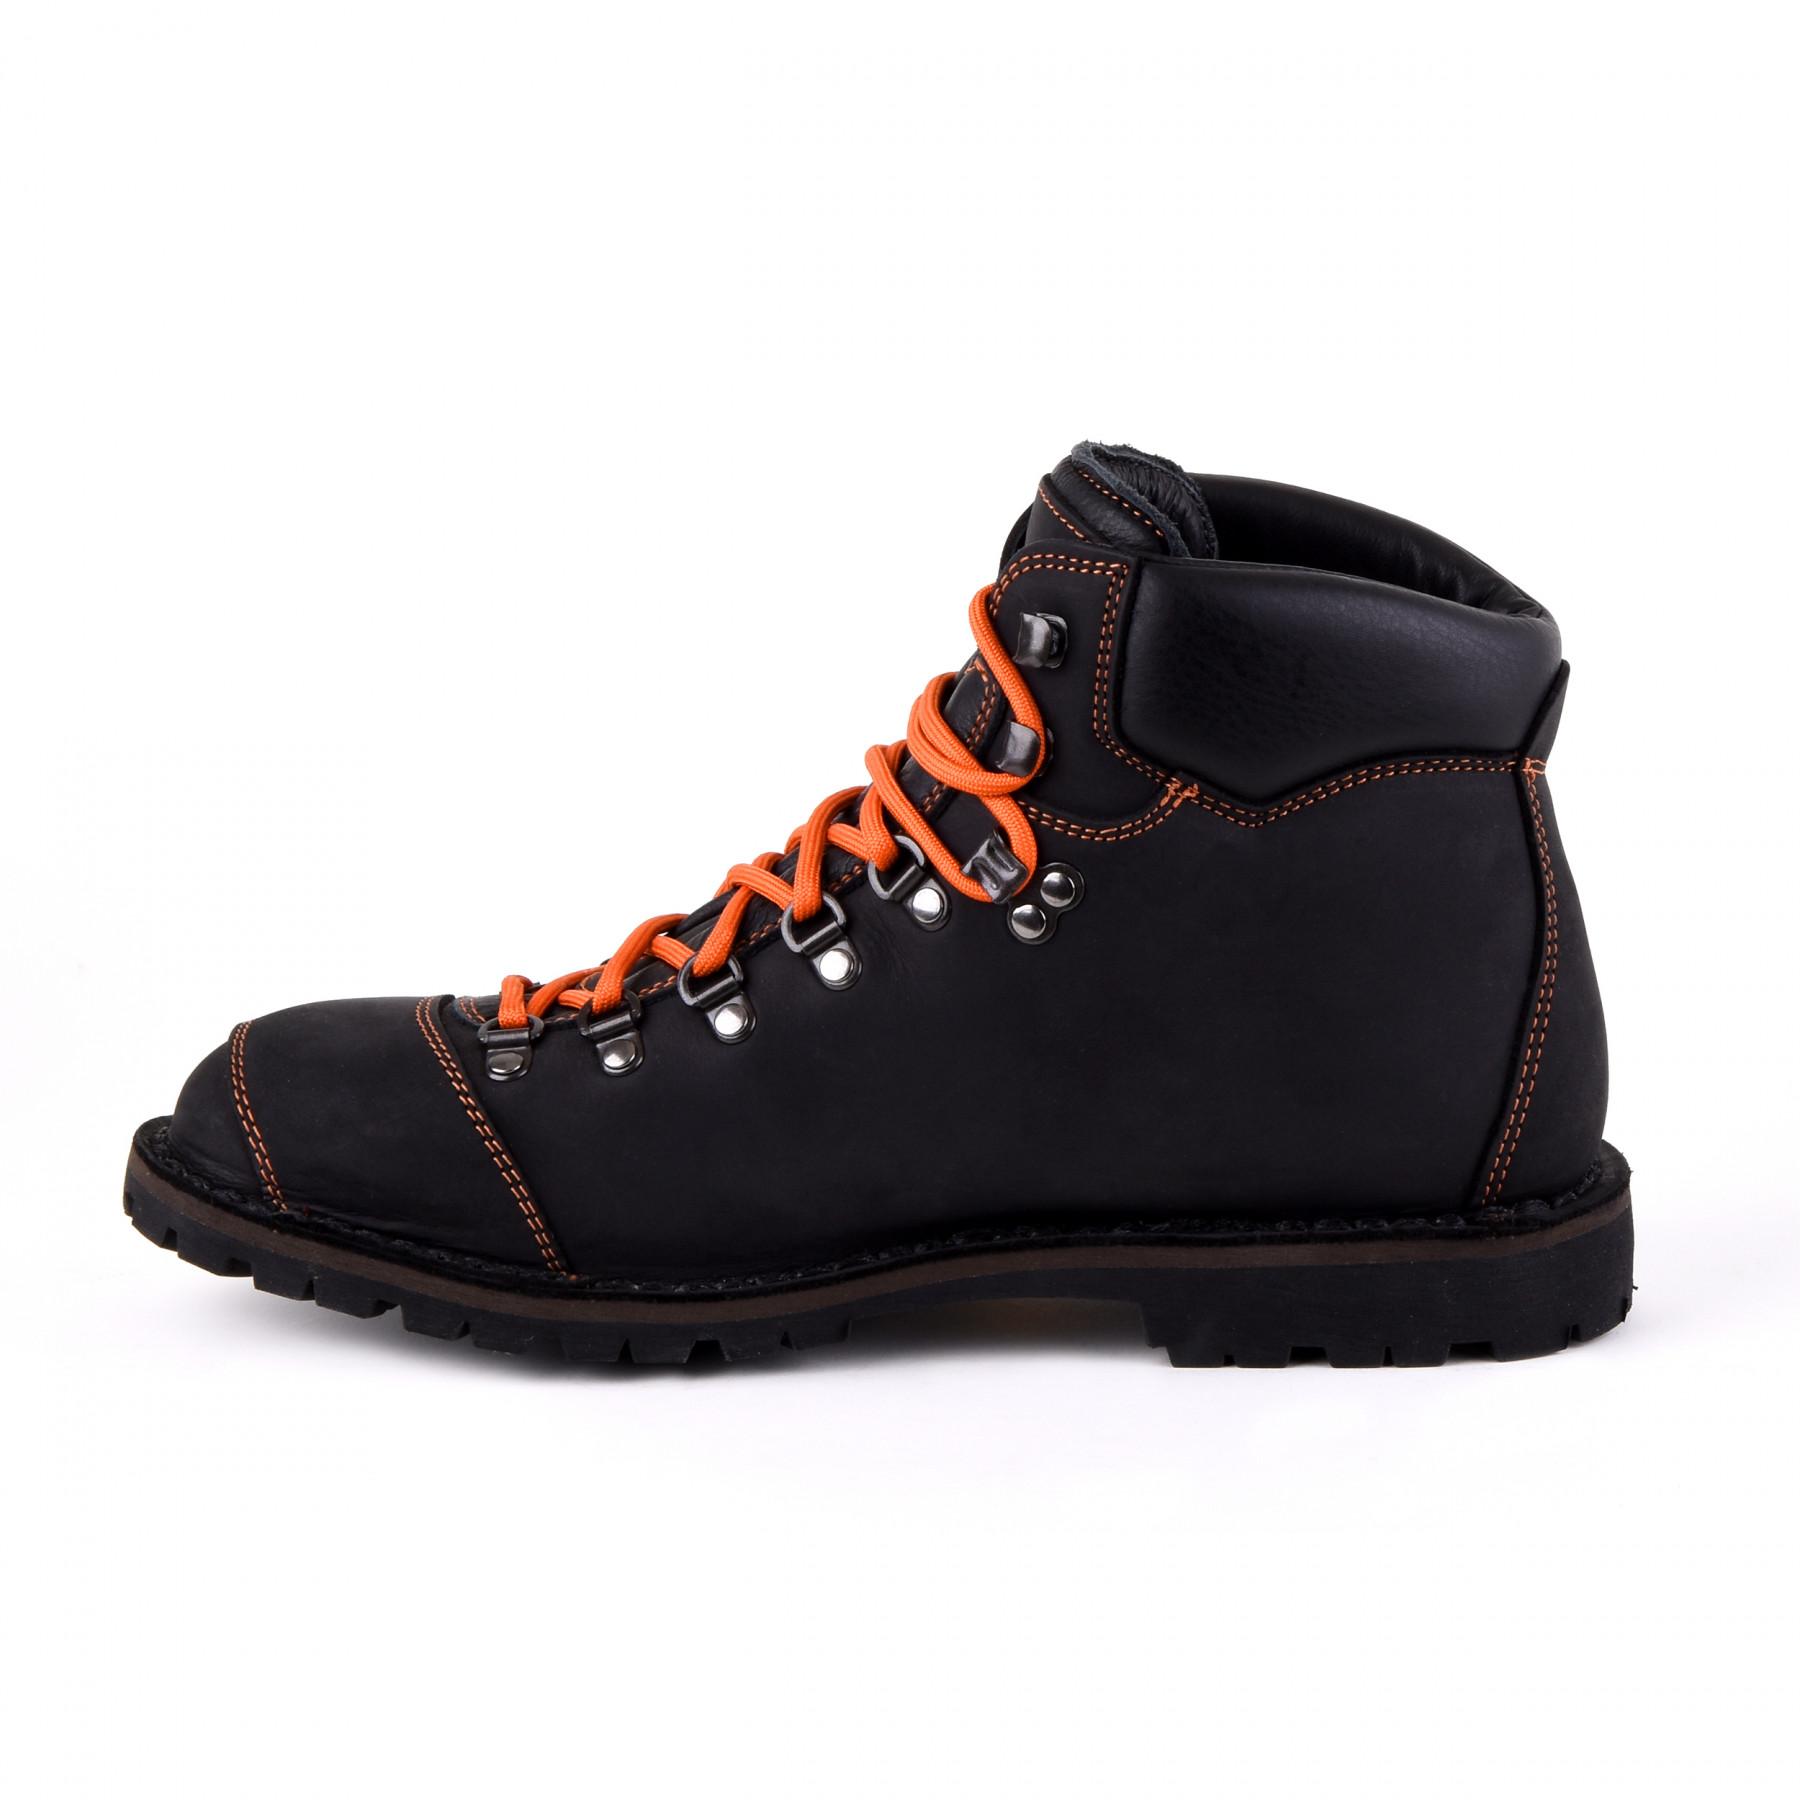 Biker Boot Adventure Denver Black, black ladies boot, orange stitching